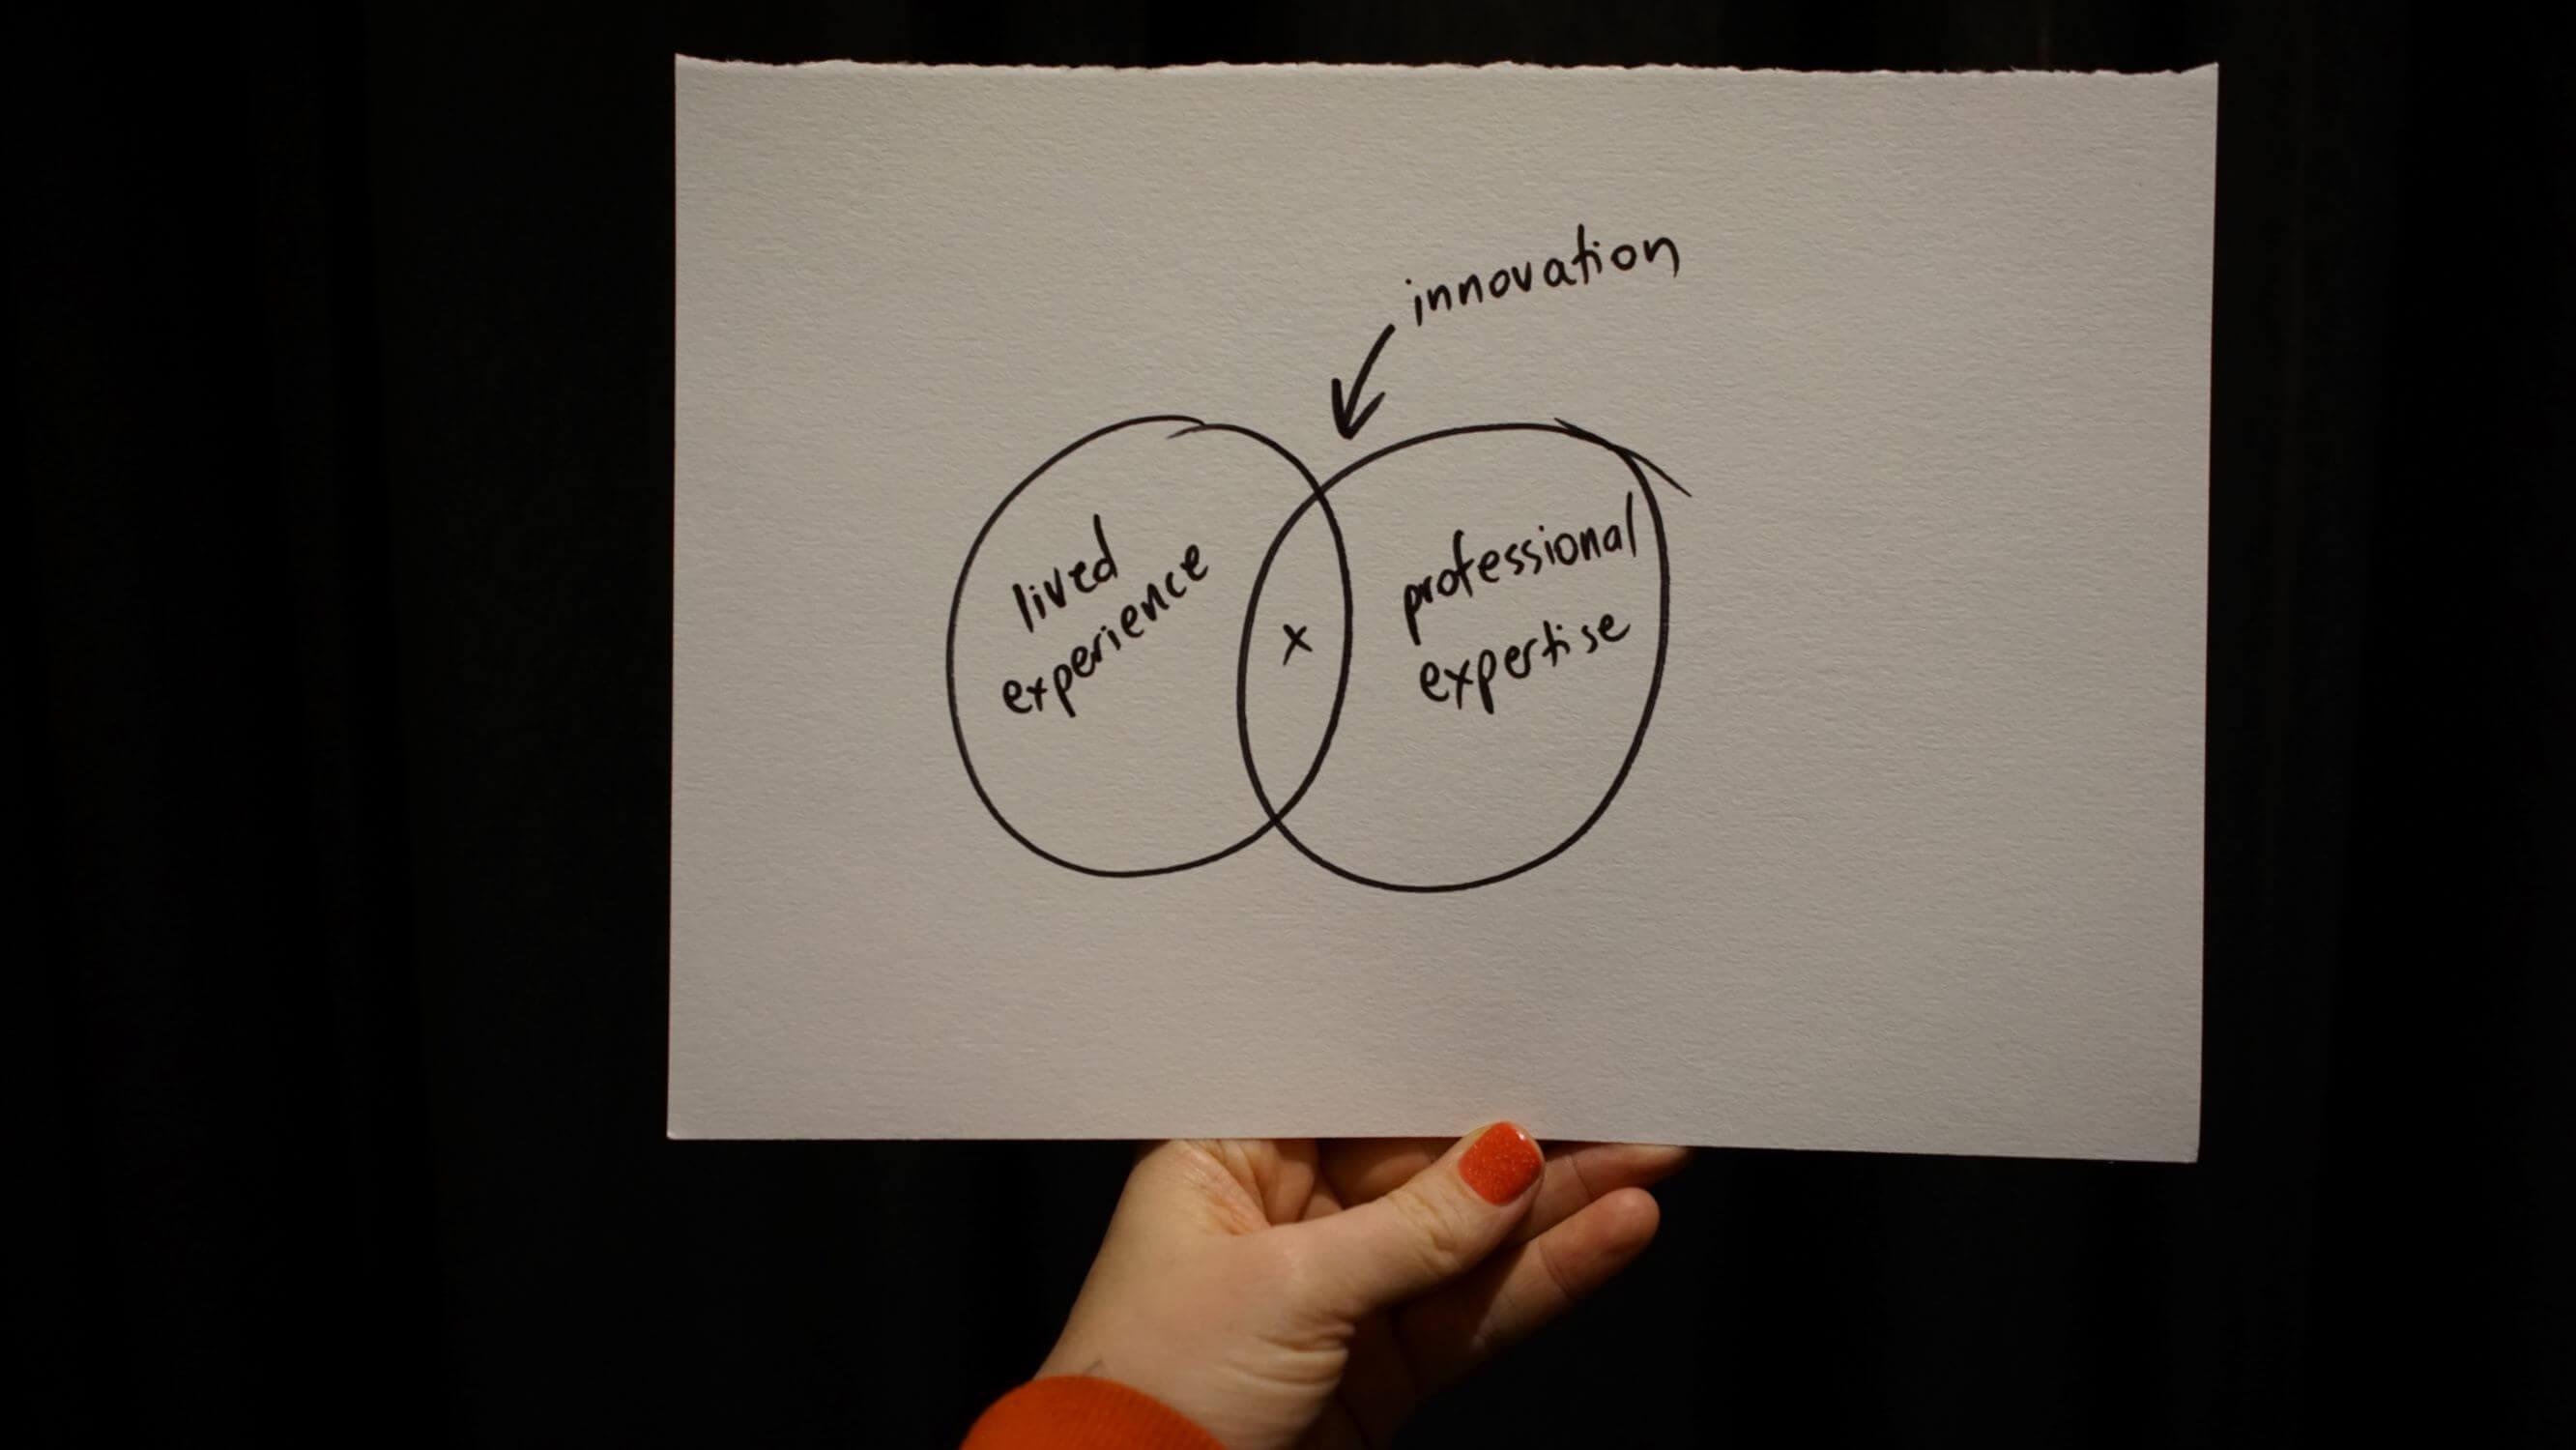 Ven Diagram best practice